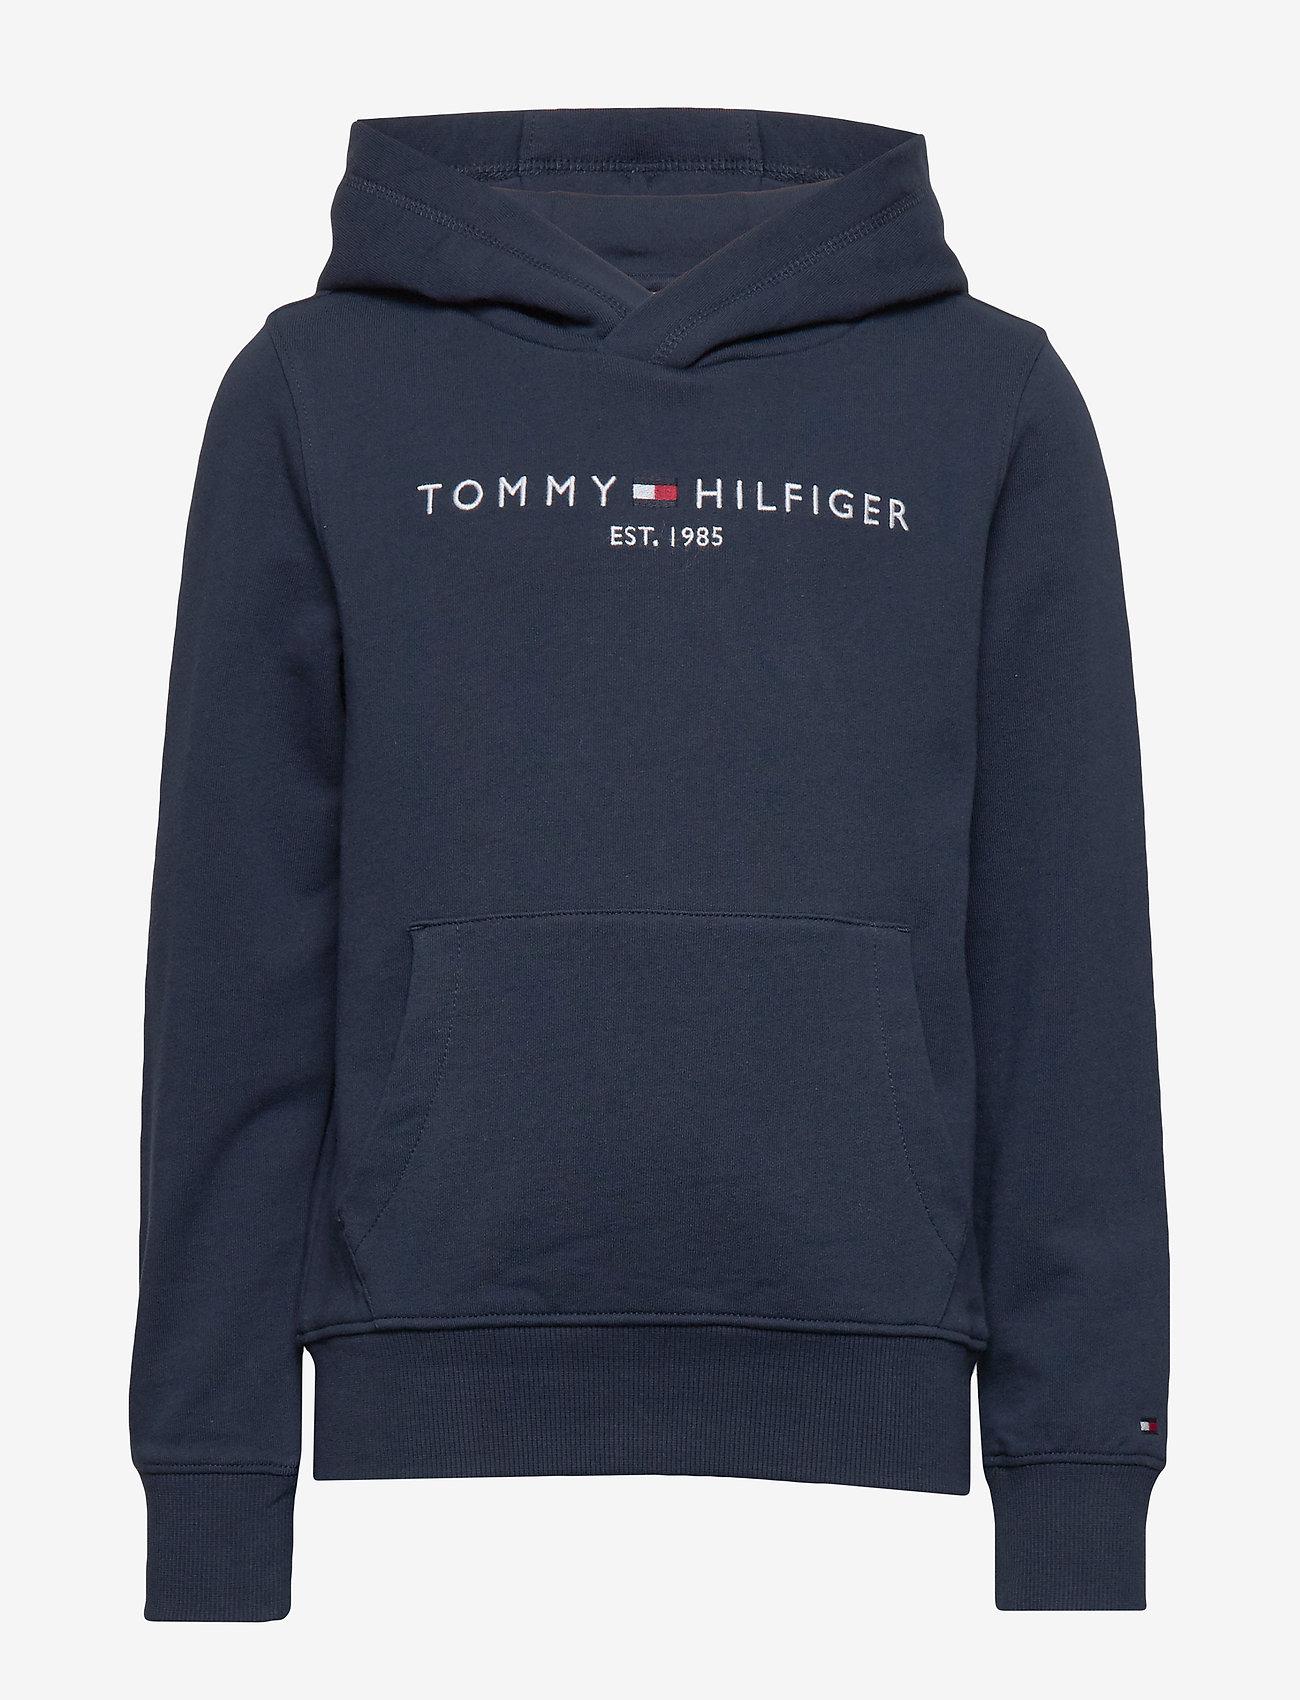 Tommy Hilfiger - ESSENTIAL HOODIE - hoodies - twilight navy 654-860